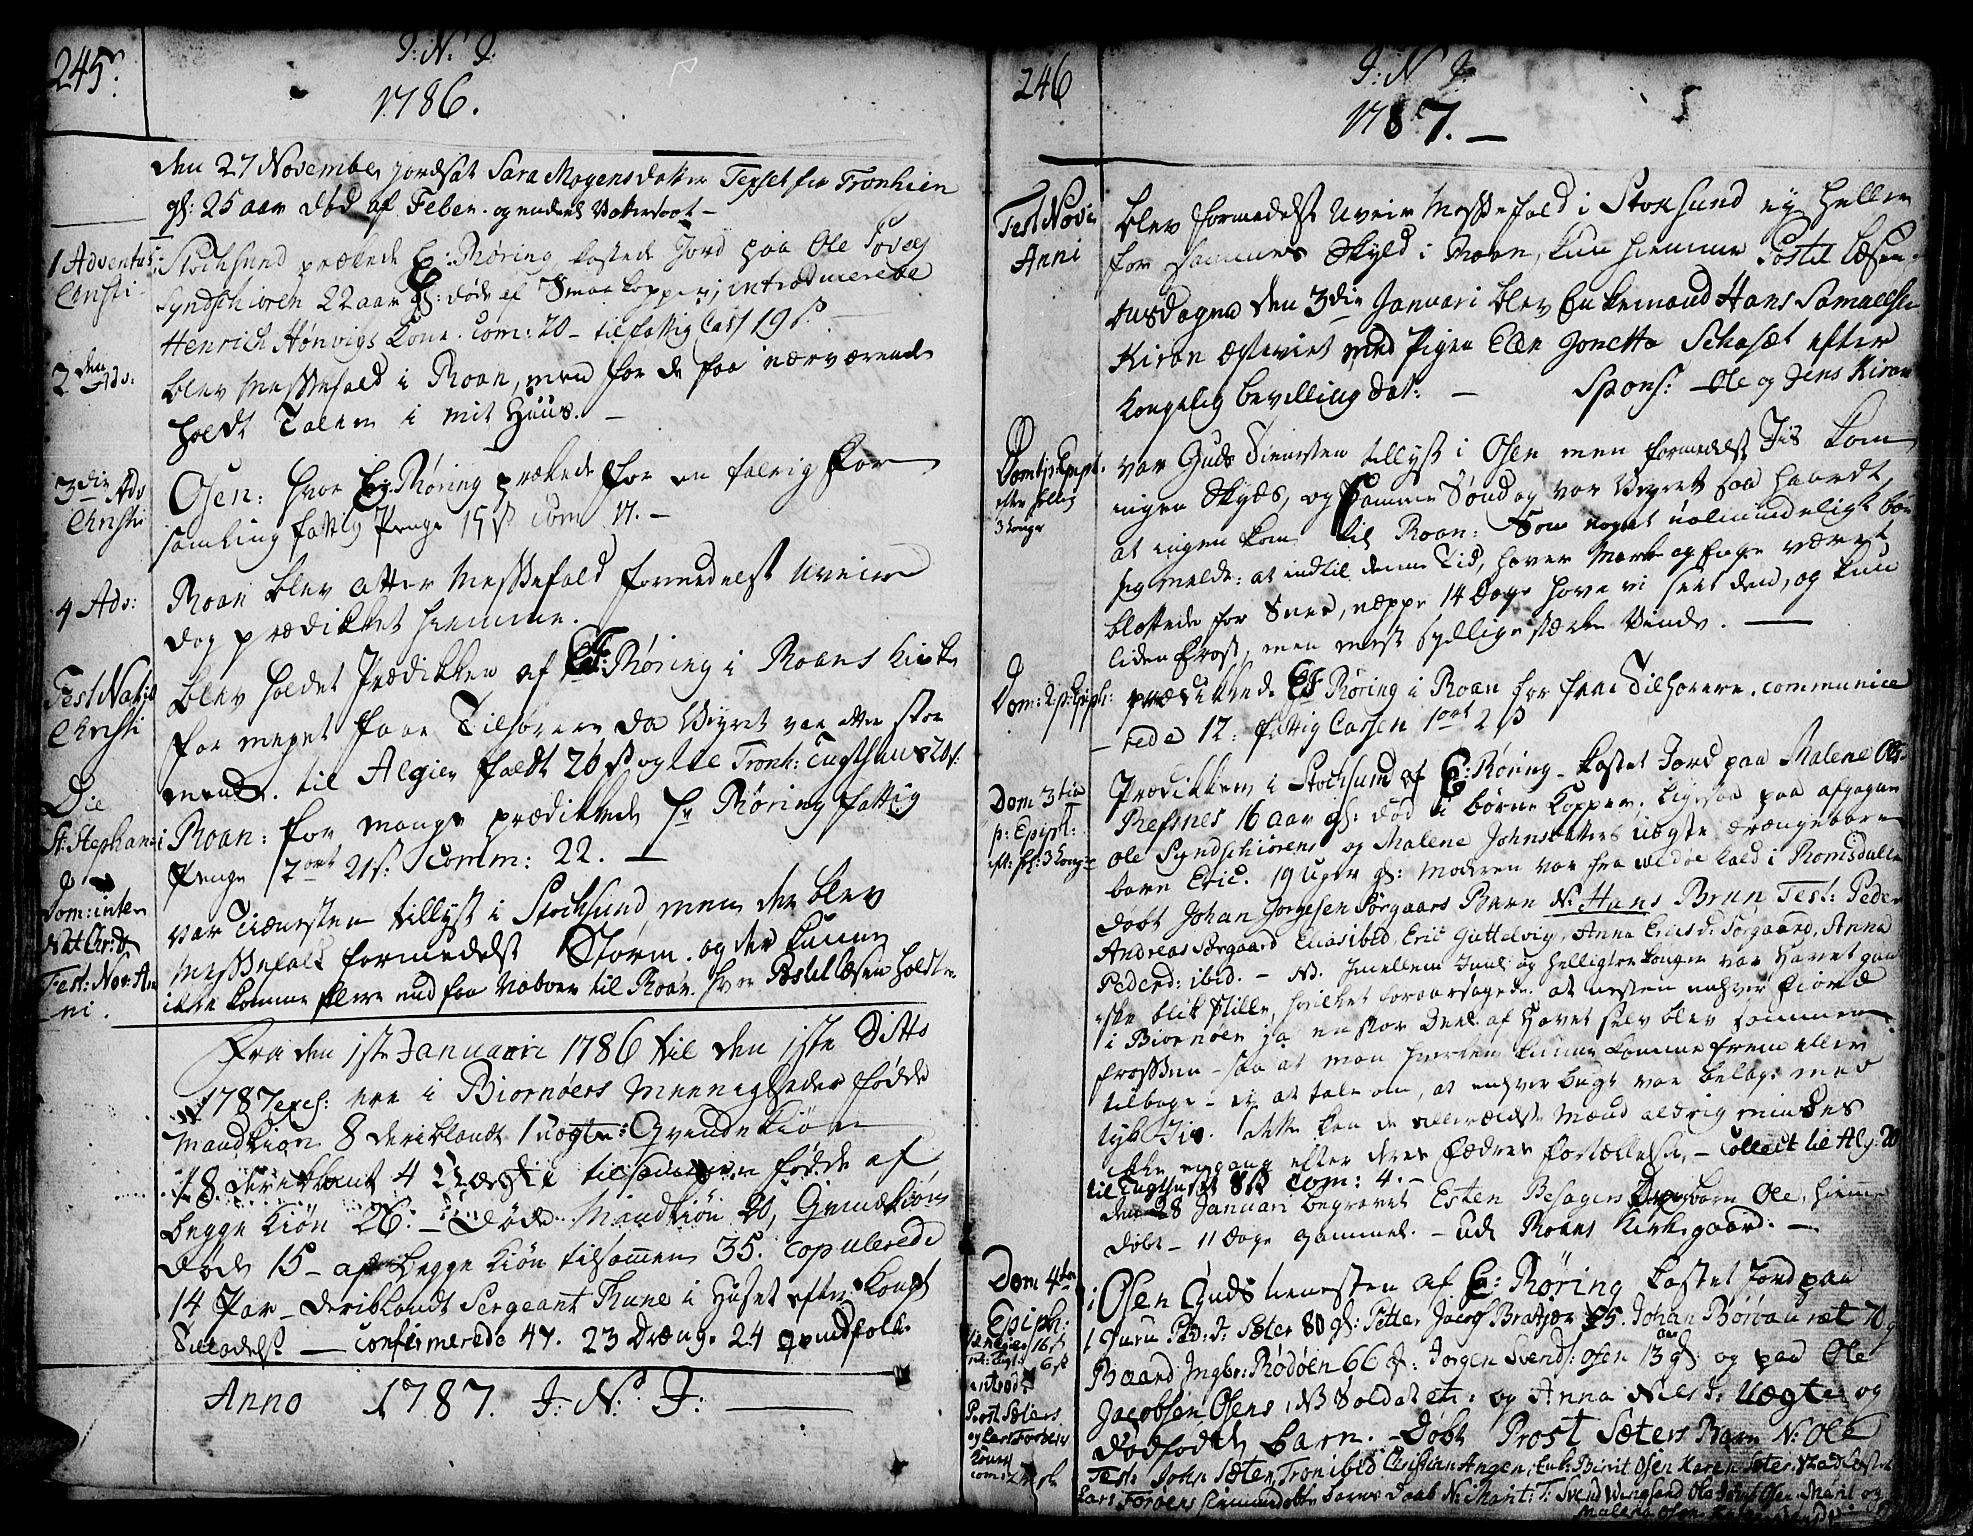 SAT, Ministerialprotokoller, klokkerbøker og fødselsregistre - Sør-Trøndelag, 657/L0700: Ministerialbok nr. 657A01, 1732-1801, s. 345-346